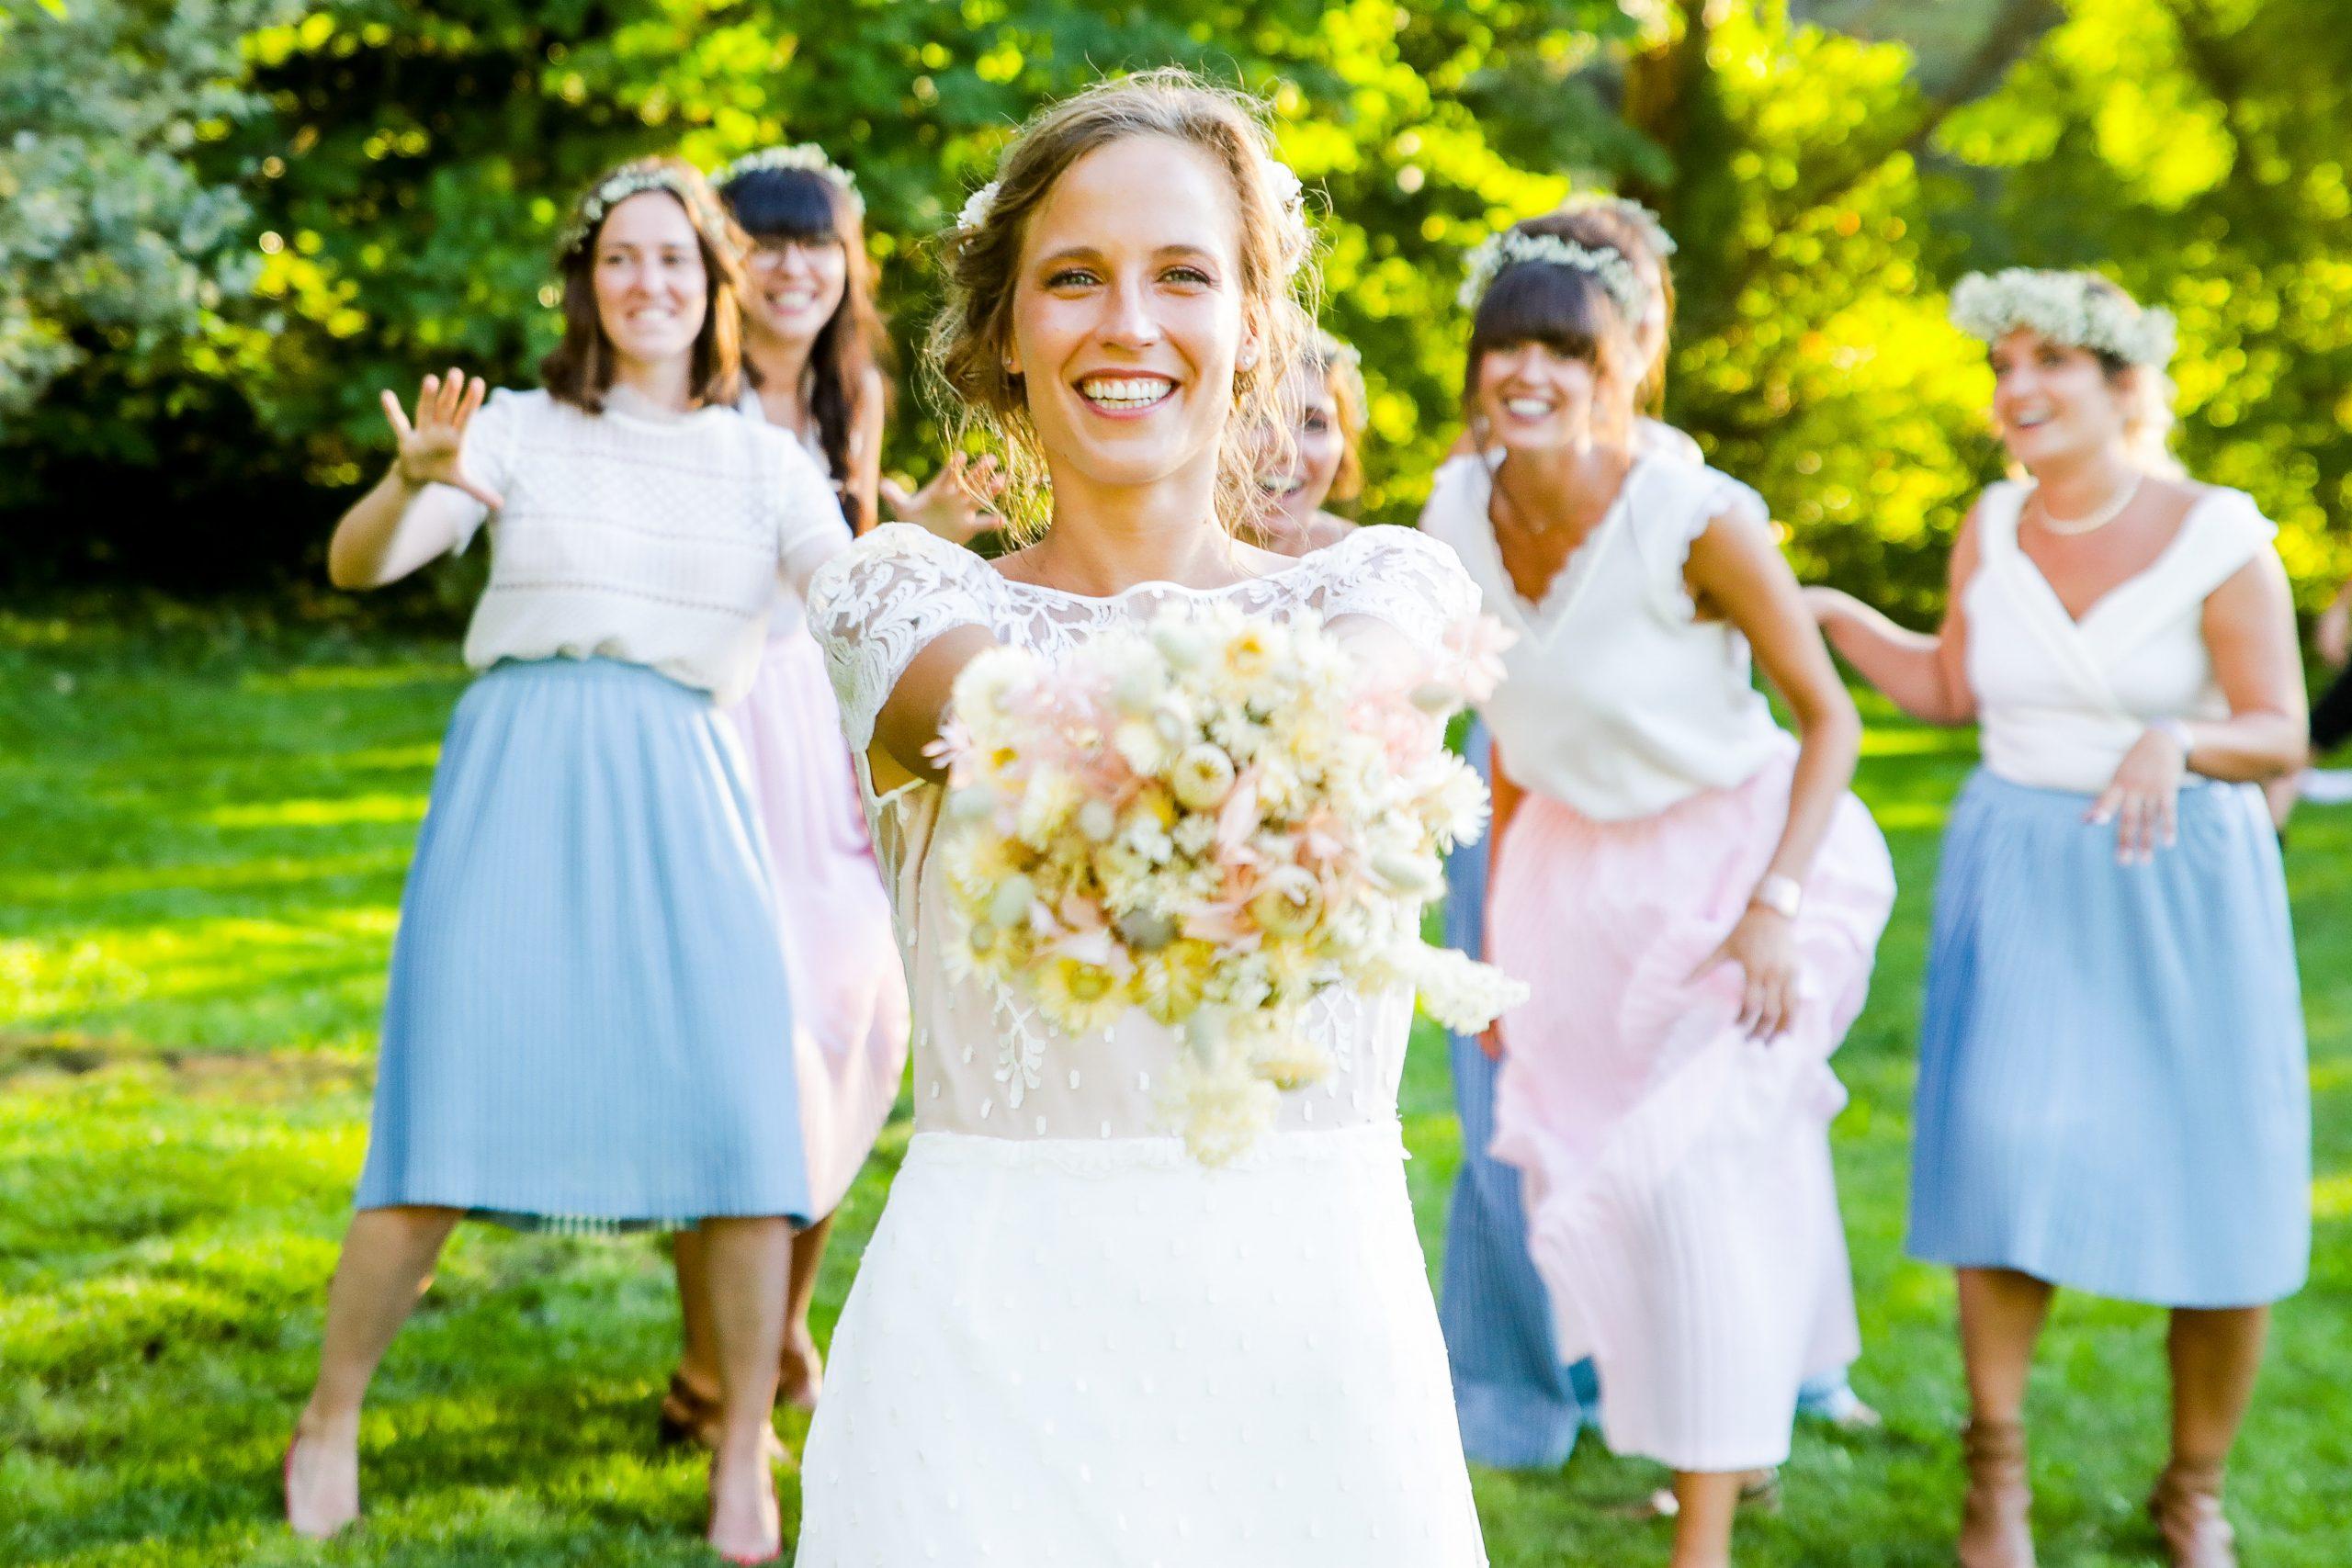 Photographie mariage - Photographe mariage - Paris- Montpellier - Nice - original - couché du soleil - Mariage Hérault - bouquet de fleurs mariage